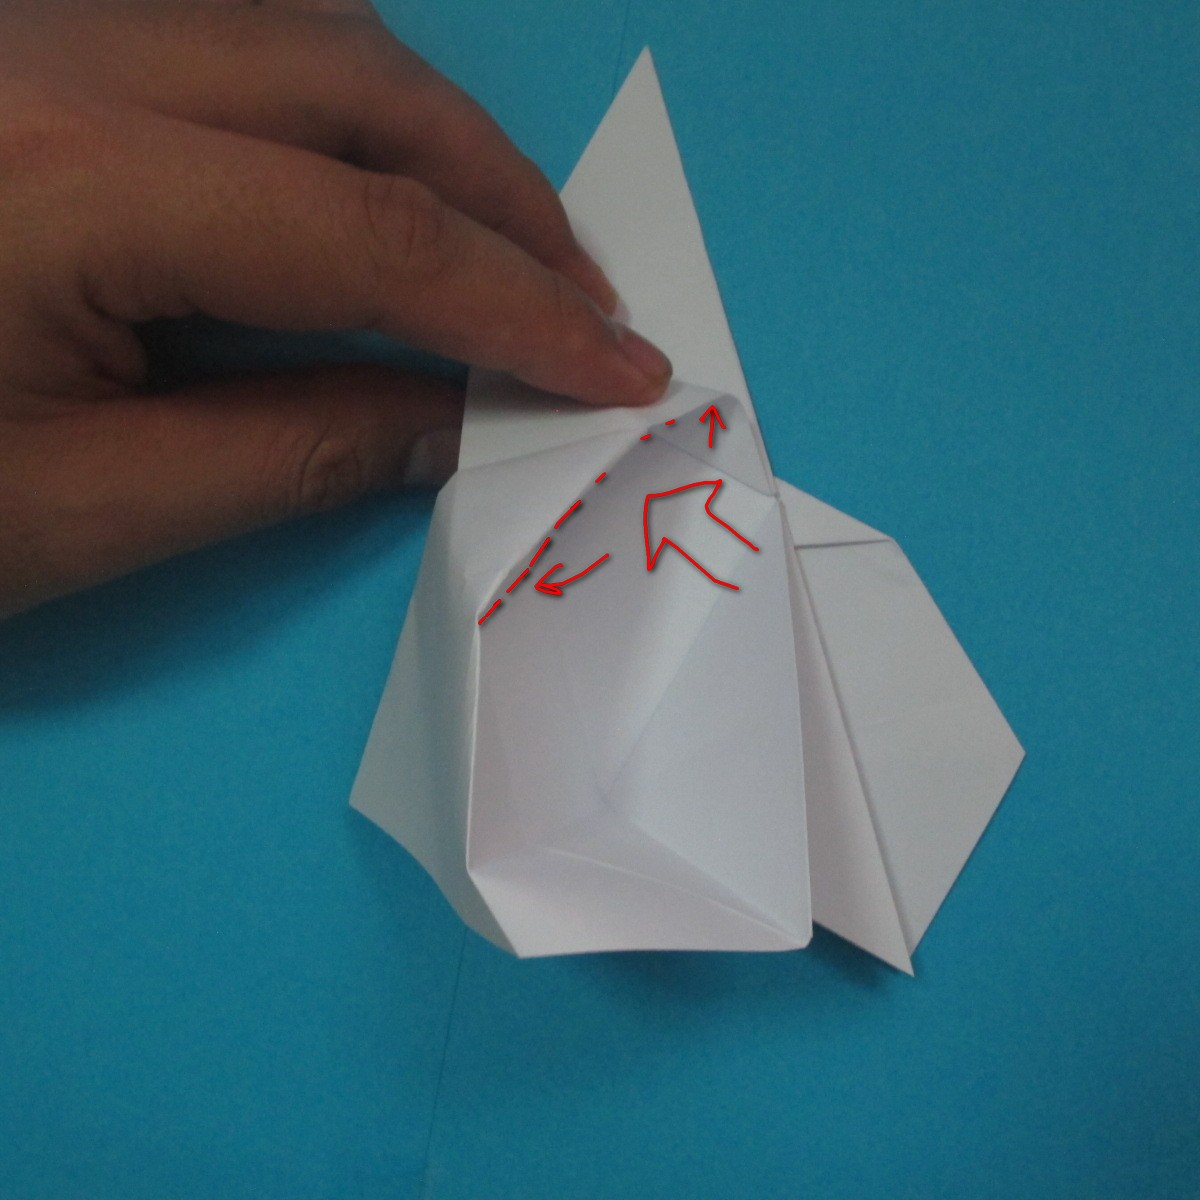 วิธีการพับกระดาษเป็นนกเพนกวิ้น 030